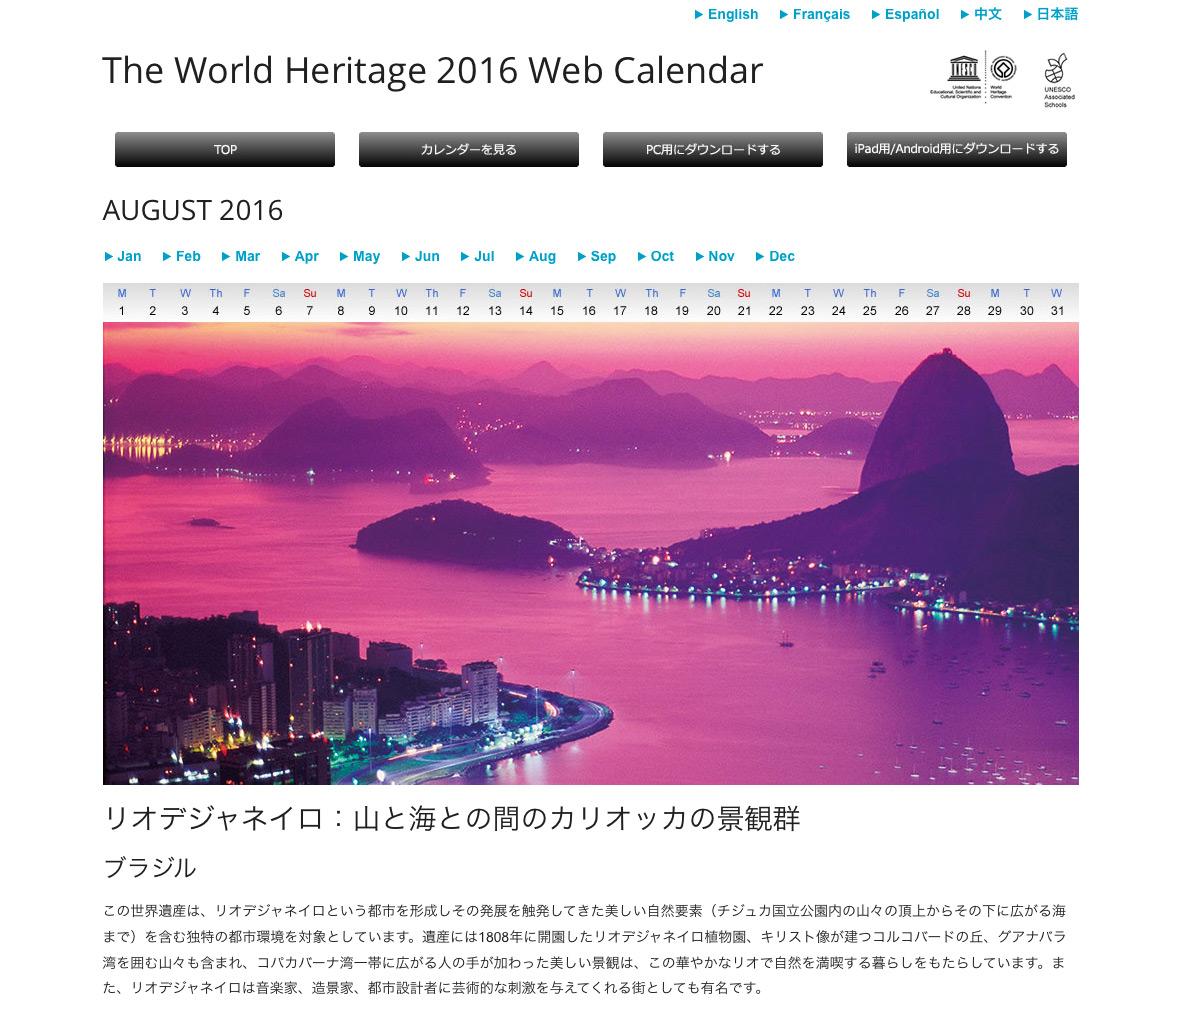 「ユネスコ世界遺産カレンダー」2016年版をアプリで提供開始(8月)